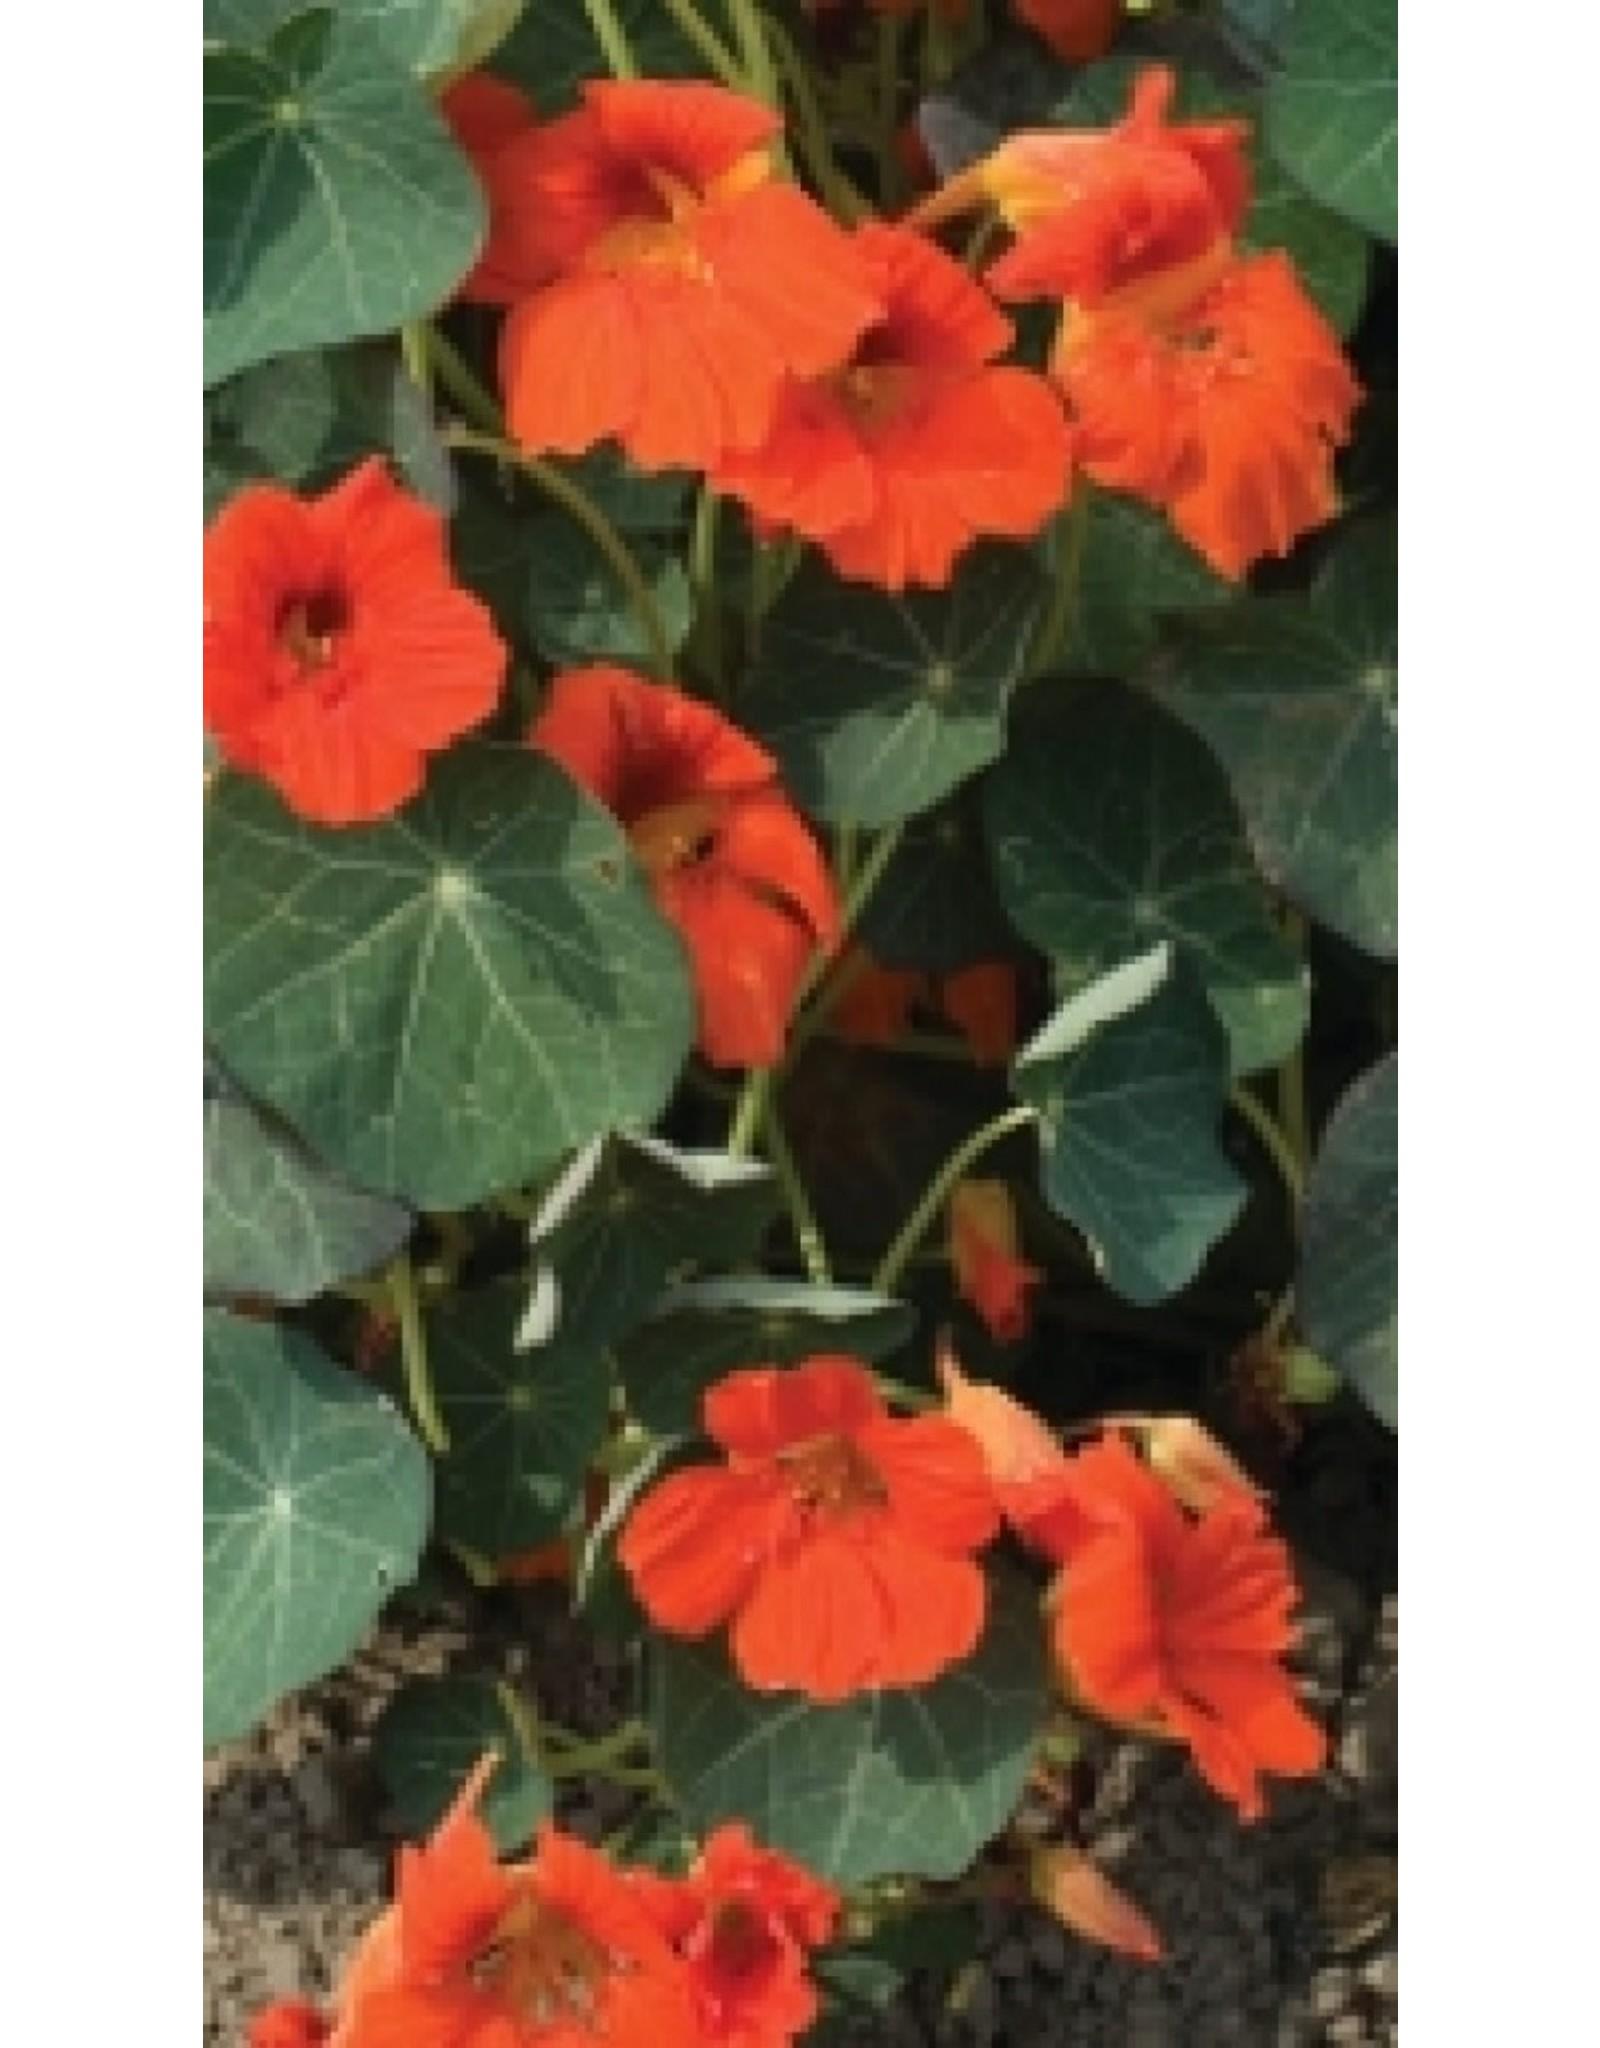 Empress of India Nasturtium Seeds 5785